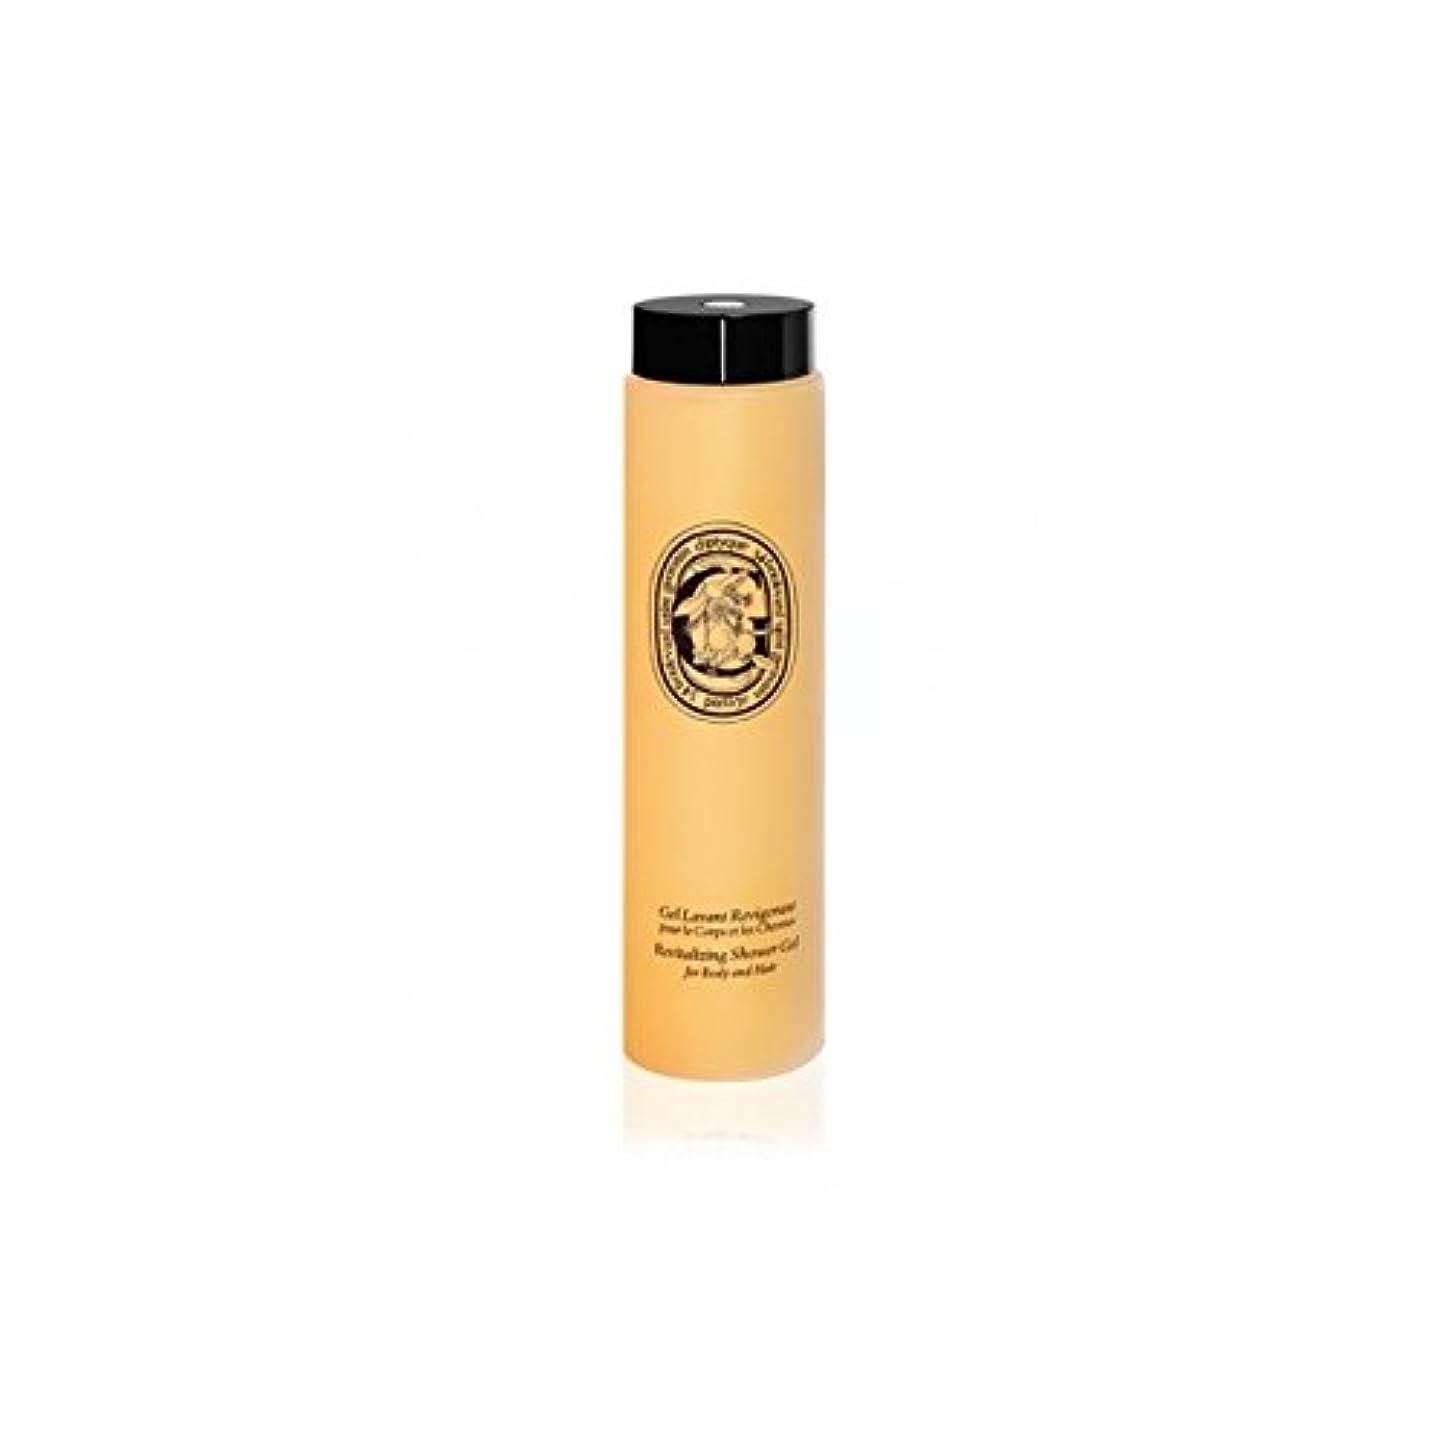 追放する花輪ドラフトDiptyque Revitalizing Shower Gel For Body And Hair 200ml (Pack of 6) - ボディ、ヘア200ミリリットルのためDiptyqueのリバイタライジングシャワージェル...